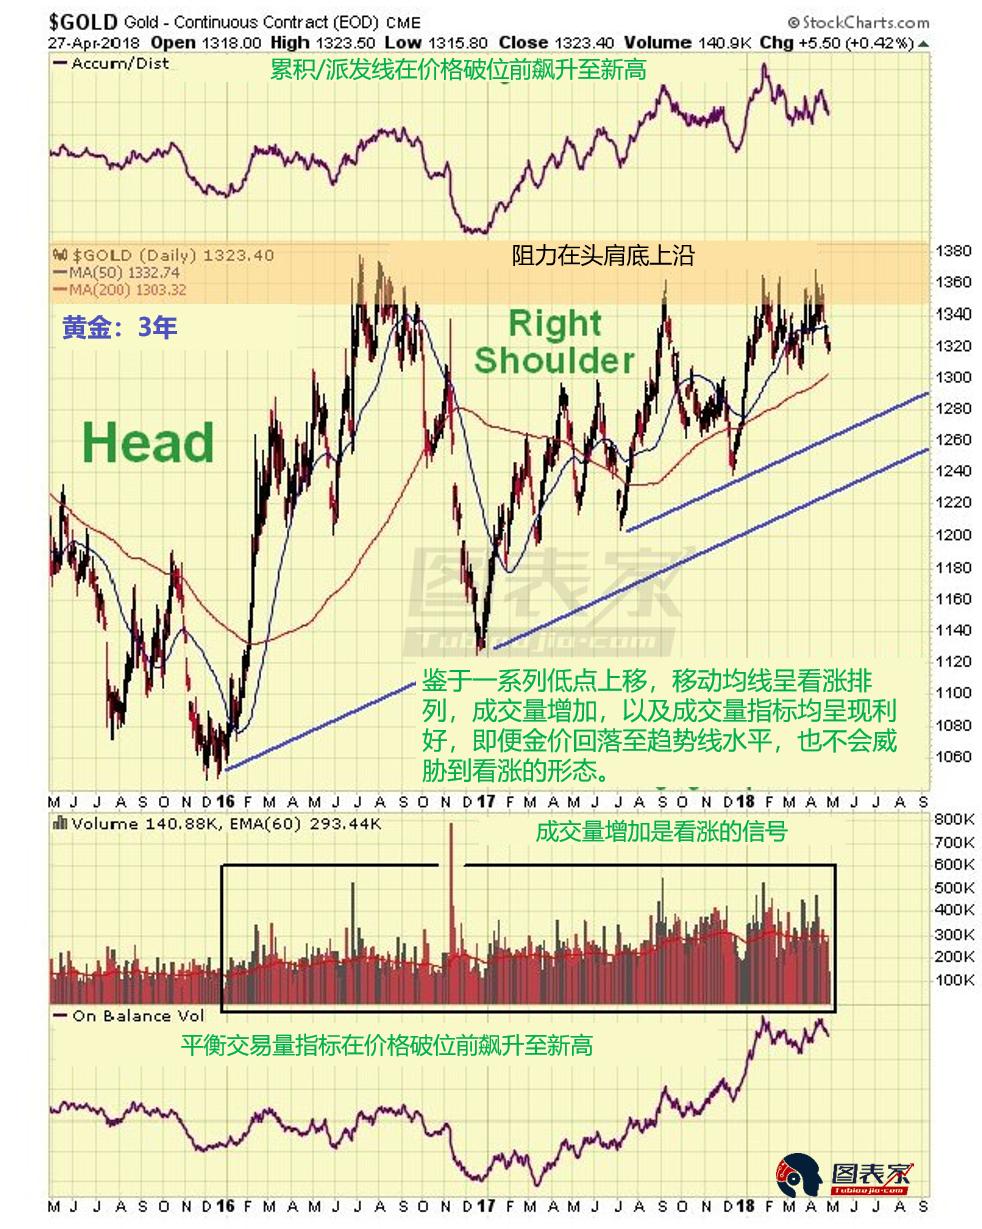 黃金近6個月來的走勢顯示,價格實際上接近1300-1310支撐區與200日移動均線形成的共振支撐,很有可能在此處受支撐反彈。